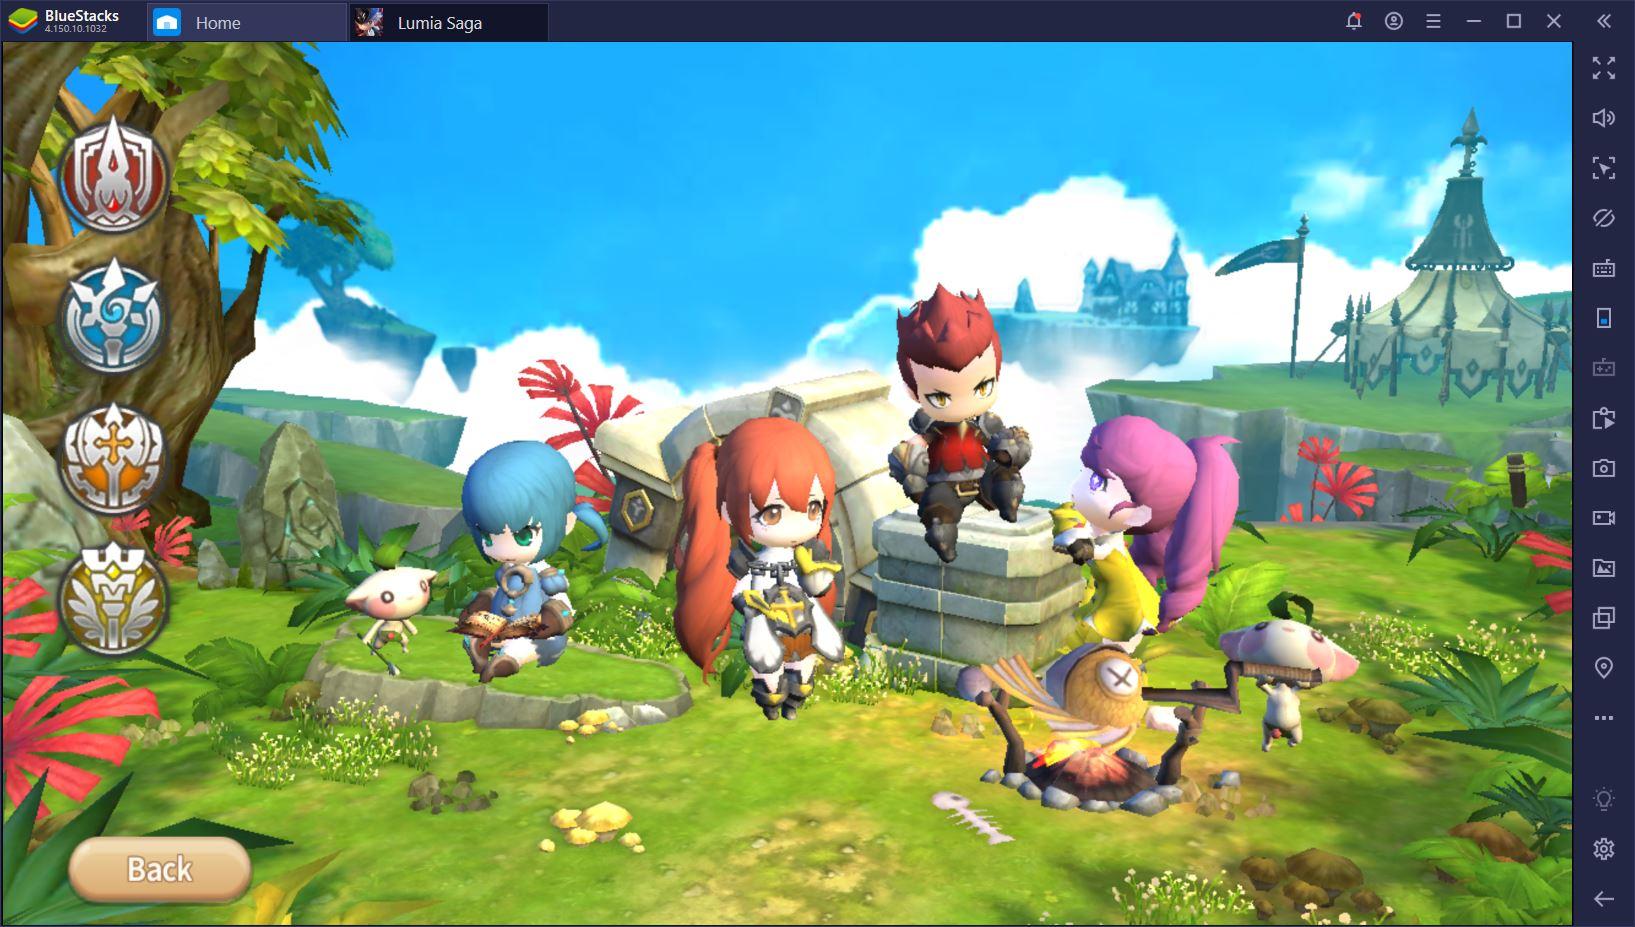 Lumia Saga a beau être fidèle aux codes du MMORPG, il a tout de même quelques tours dans son sac à commencer par un système de classe suffisamment bien pensé pour accrocher les joueurs pendant des heures. Tous les RPG ou presque utilisent les classes et la progression par niveau. En général, on vous demande de choisir une classe au début du jeu puis de développer votre personnage pour qu'il gagne de nouvelles compétences et améliore ses statistiques. Lumia Saga ne déroge pas à la règle et comme beaucoup de RPG il vous proposera même de promouvoir votre personnage dans une nouvelle classe plus puissante au bout de quelques heures de jeu. Là où Lumia Saga se démarque un peu de la formule, c'est qu'il vous propose de développer également une deuxième classe qui peut changer drastiquement le gameplay de votre personnage. (Lumia Saga le guide complet sur les classes_01) Et si vous jouez à Lumia Saga sur BlueStacks (Jouez à Lumia Saga sur PC avec BlueStacks) vous pourrez profiter des compétences de vos deux classes en switchant à la volée entre elles grâce au Keymapping. Après tout, les MMORPG sont faits pour être joués au clavier et à la souris. Comment fonctionnent les classes dans Lumia Saga Dans Lumia Saga, vous choisissez une classe avant même de créer votre personnage. Il existe actuellement 4 classes : Le chevalier, le mage, l'oracle et le juge et elles ont toutes leurs spécificités. Pour autant, vous ne serez pas limité par votre choix initial et grâce aux sous-classes rien ne vous empêche de transformer un oracle qui sert principalement à soigner ses coéquipiers, en un combattant plus offensif. (Lumia Saga le guide complet sur les classes_02) Grâce au système de sous-classe, vous allez pouvoir explorer les possibilités qui s'offrent à votre personnage. Vous accédez à cette nouvelle fonction à partir du niveau 30 et si la plupart des MMORPG intégrant un système similaire vous forcent à choisir une sous-classe qui spécialise davantage votre personnage, ce n'est pas